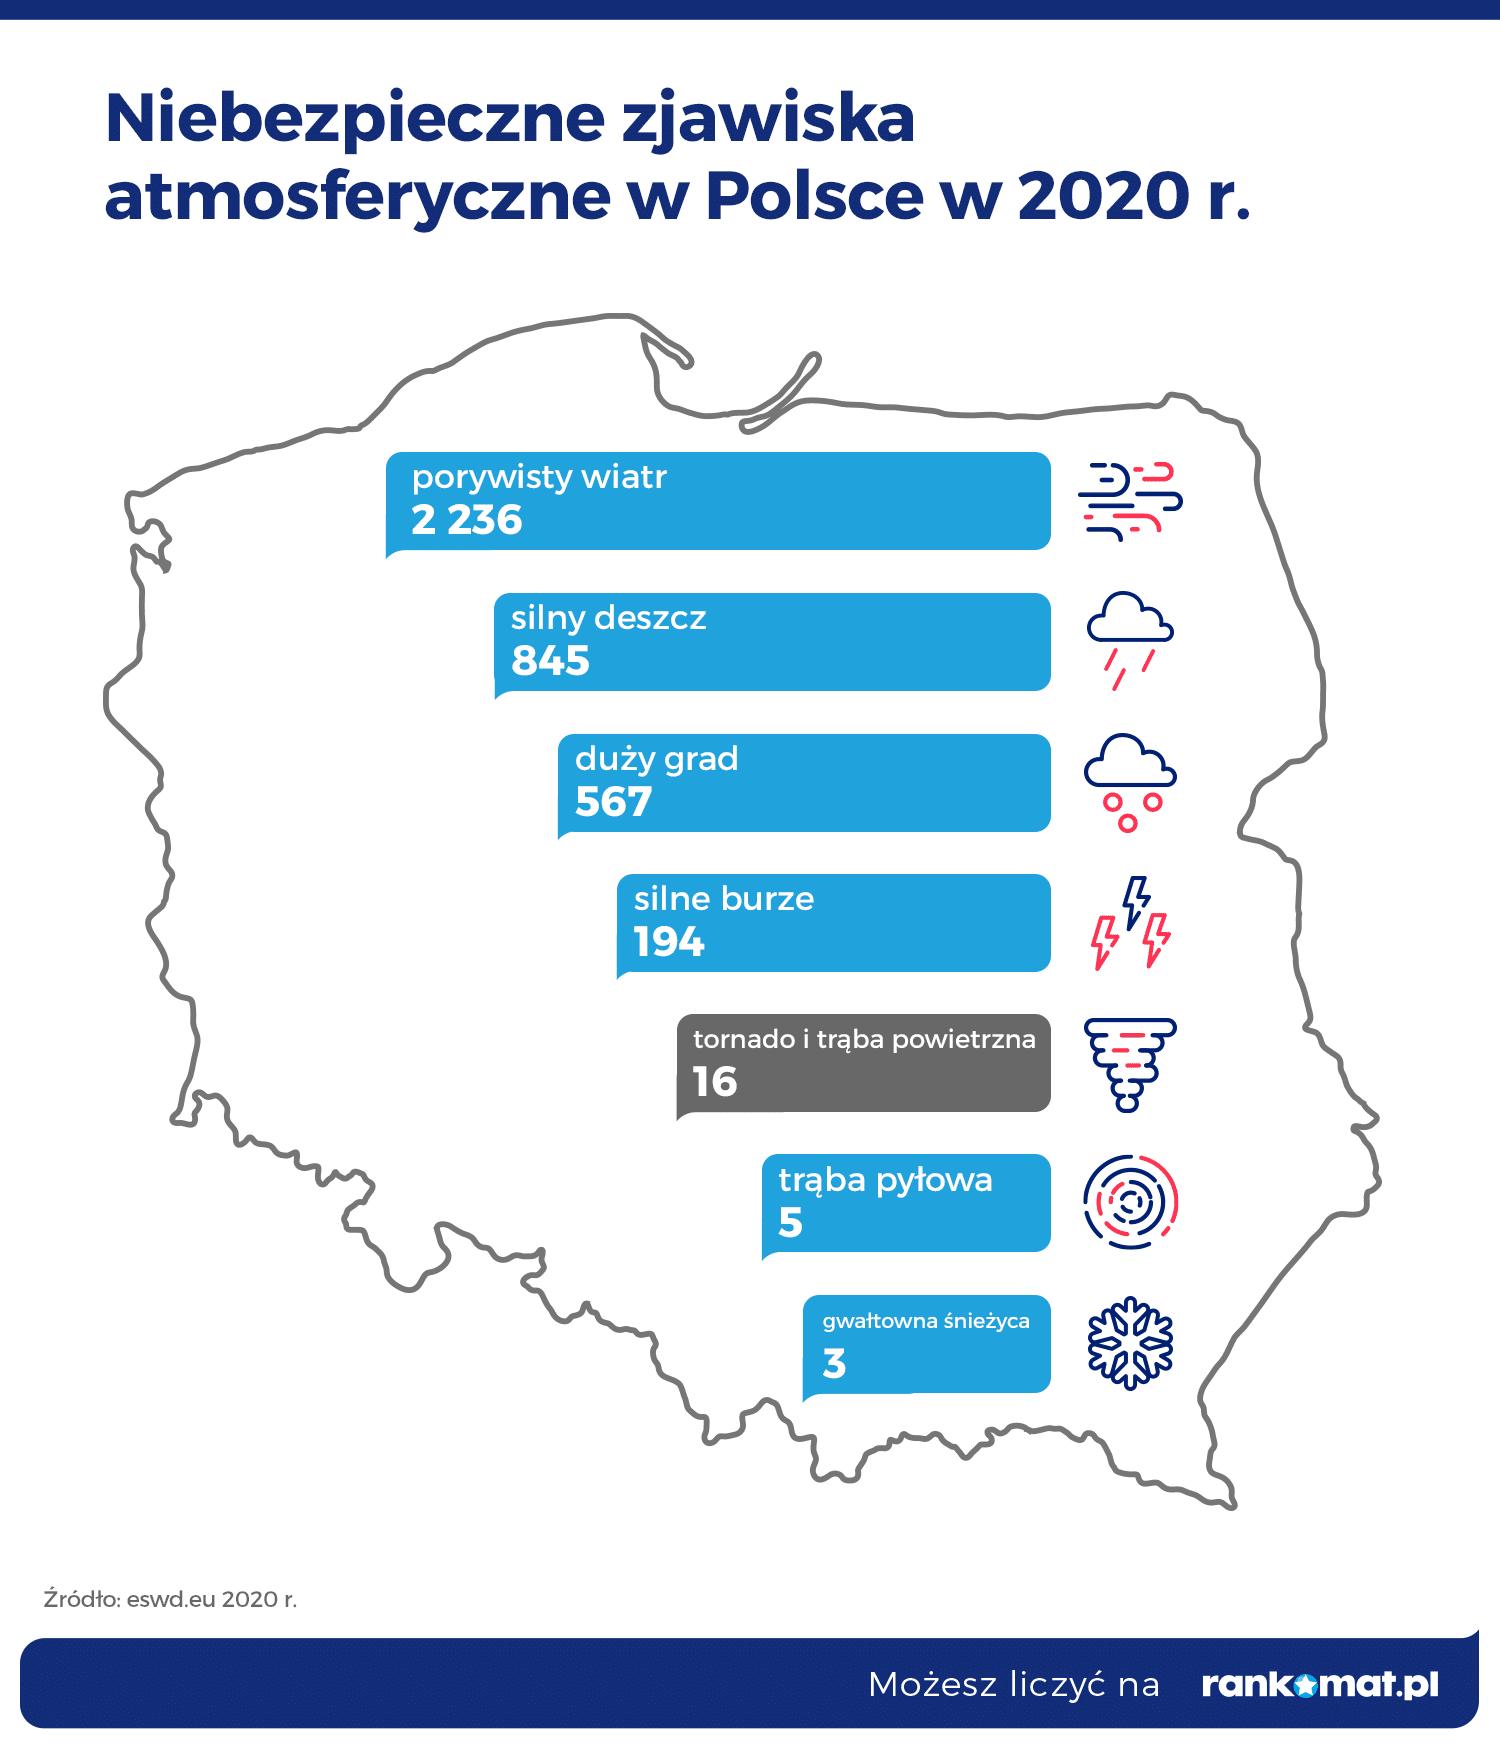 Niebezpieczne zjawiska atmosferyczne w Polsce w 2020 r (2)